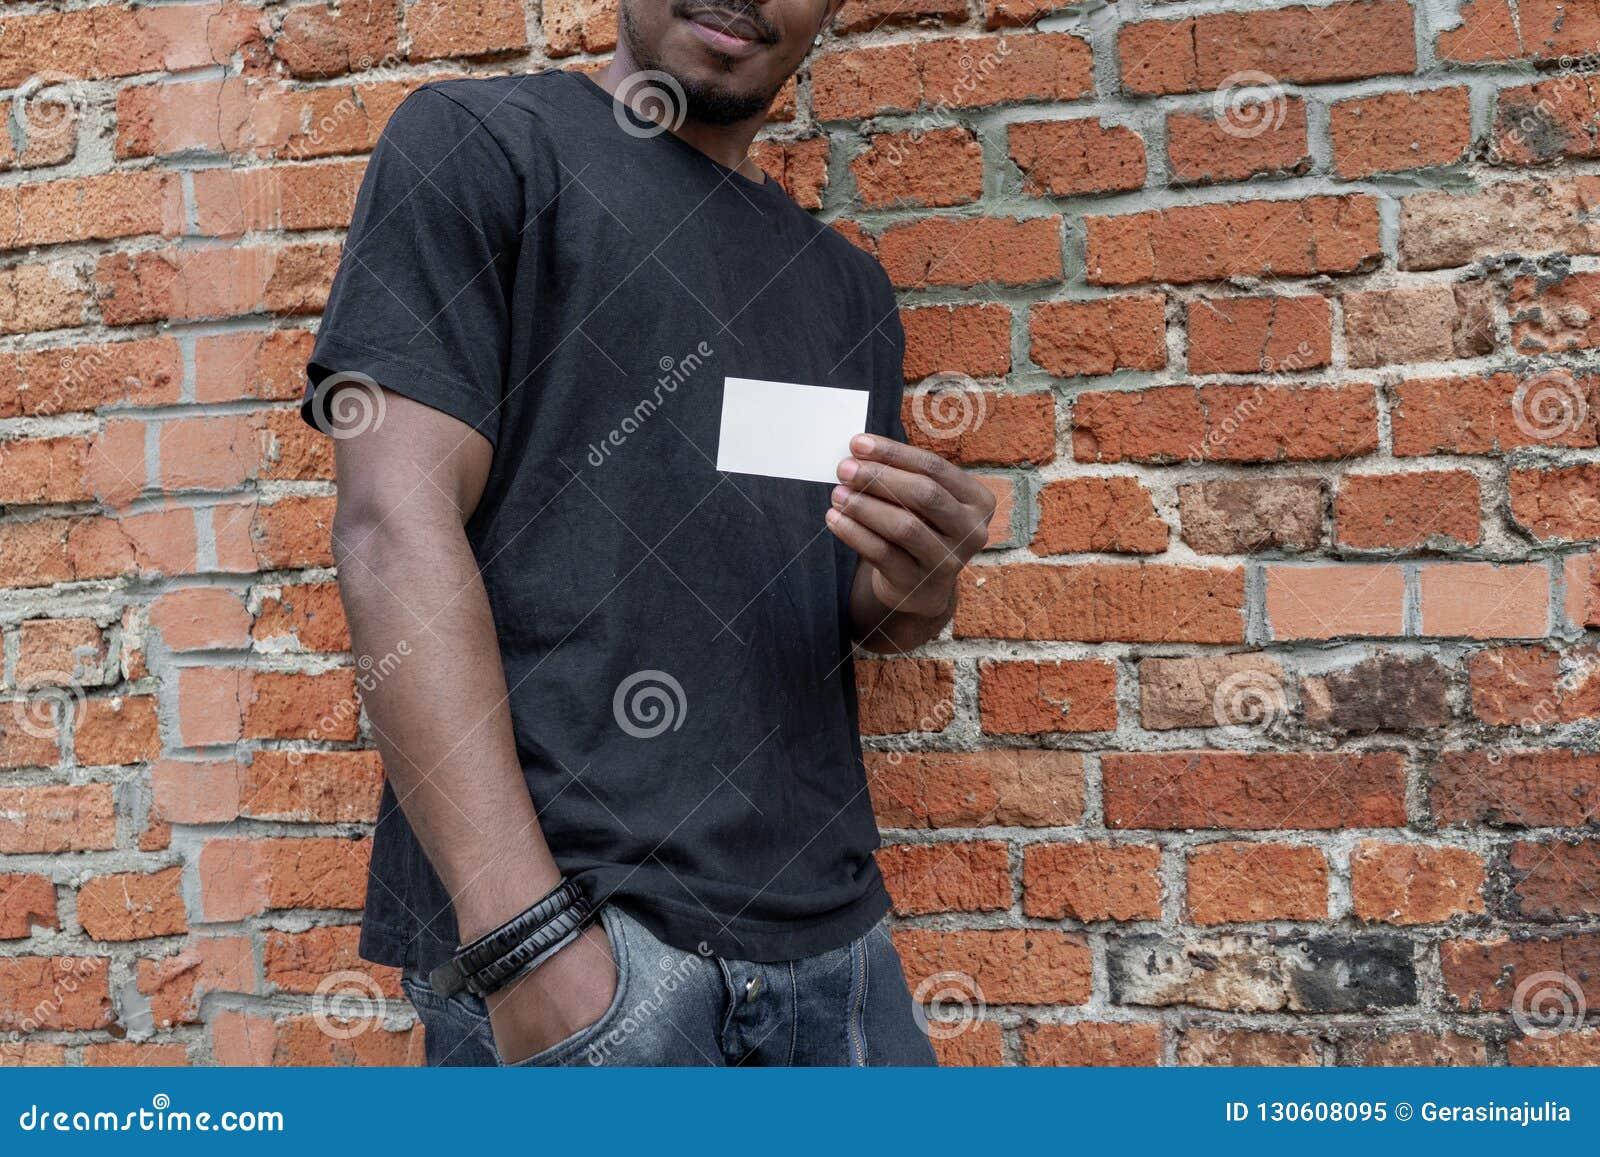 Fermez Vous Du Jeune Homme A La Peau Foncee Attirant Dans BlackT Chemise Montrant Carte De Visite Professionnelle Vierge Lappareil Photo